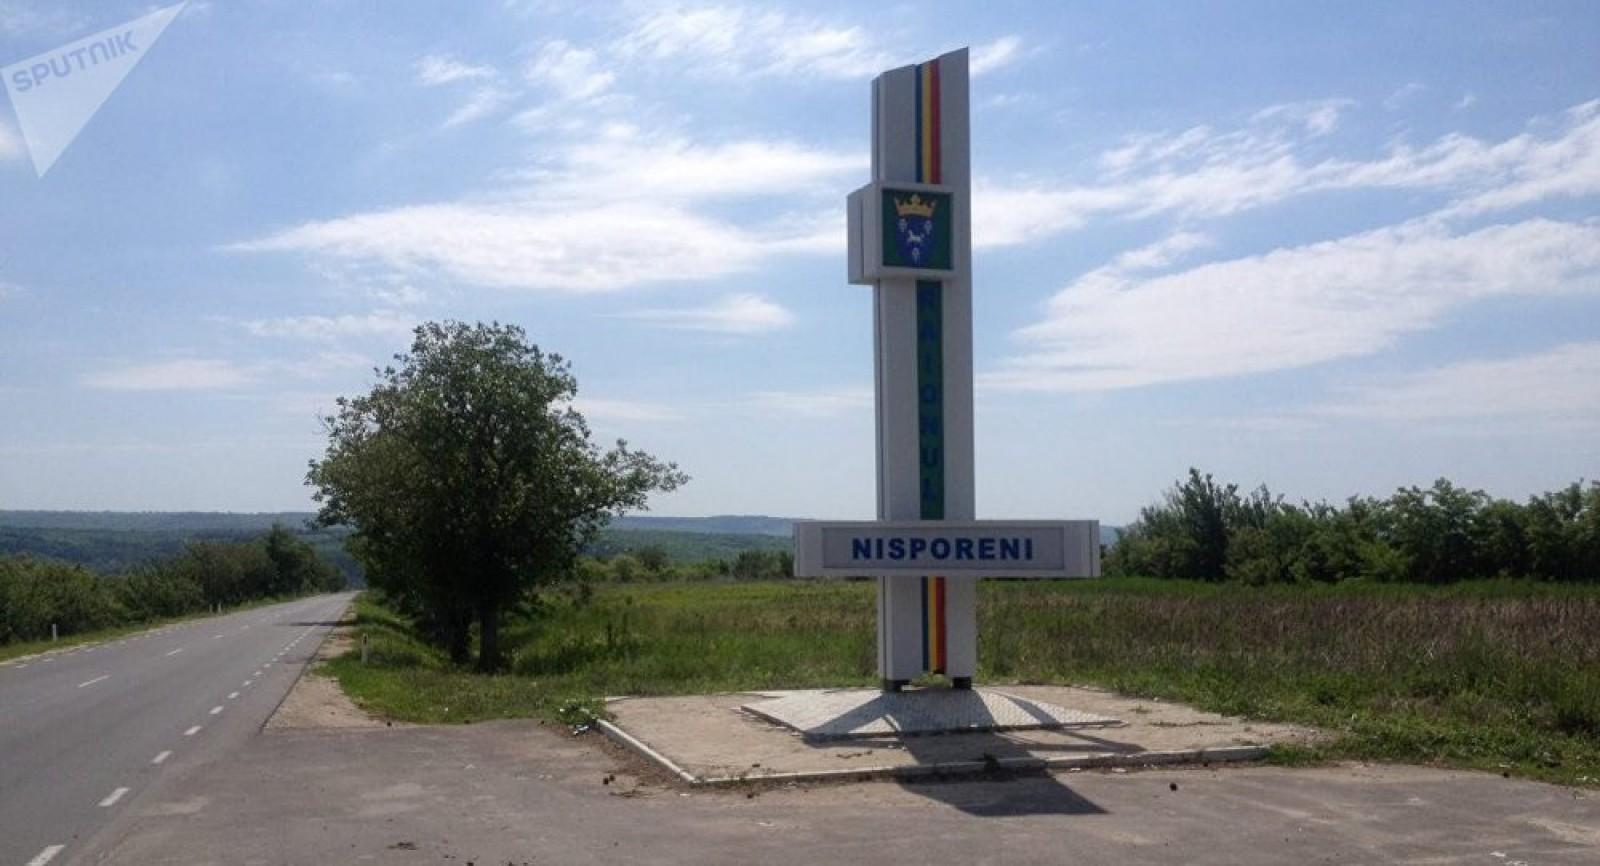 13 sate și nici zare de medic de familie. Cum se descurcă fără asistență medicală oamenii din raionul Nisporeni